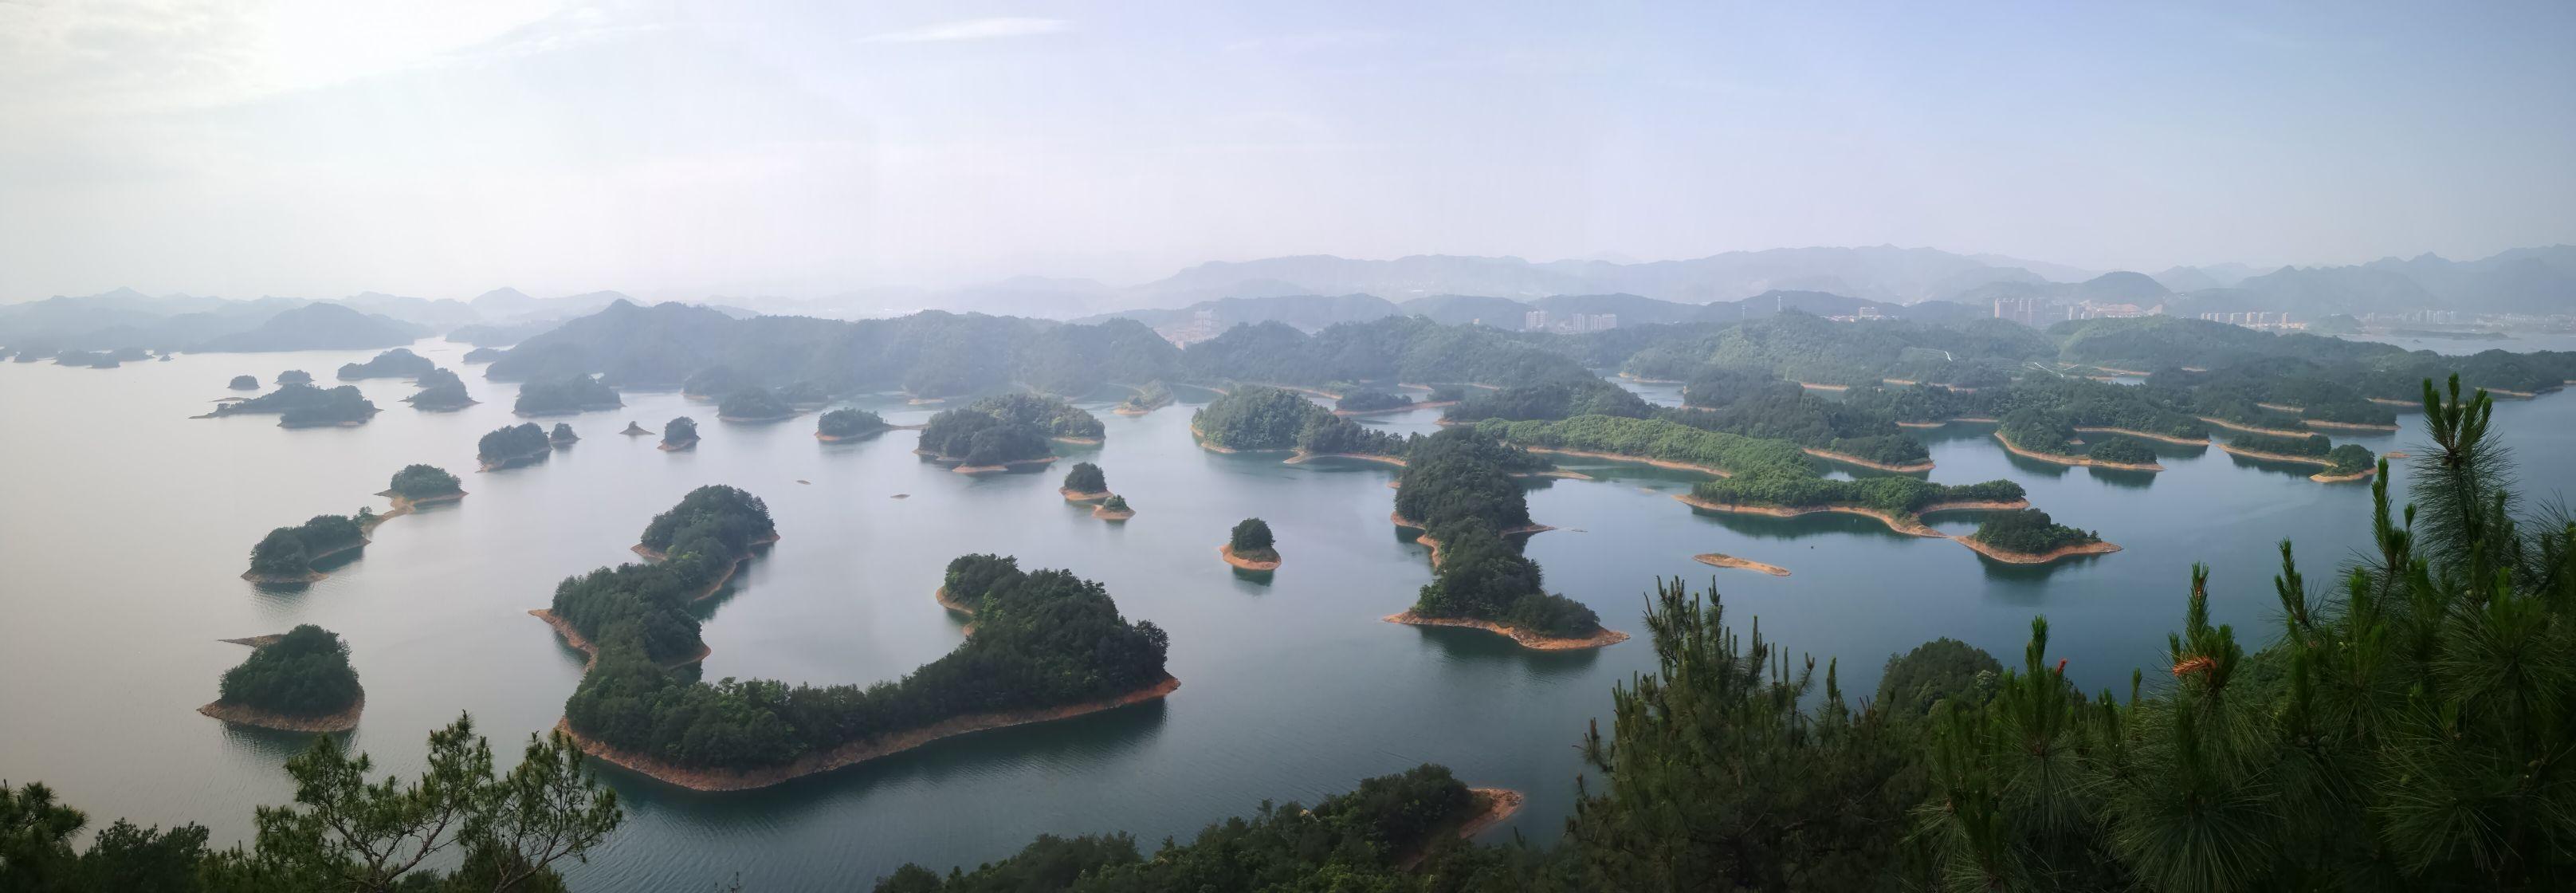 2019黄山尖-旅游攻略-门票-地址-问答-游记点评,千岛湖旅游旅游景点推荐-去哪儿攻略